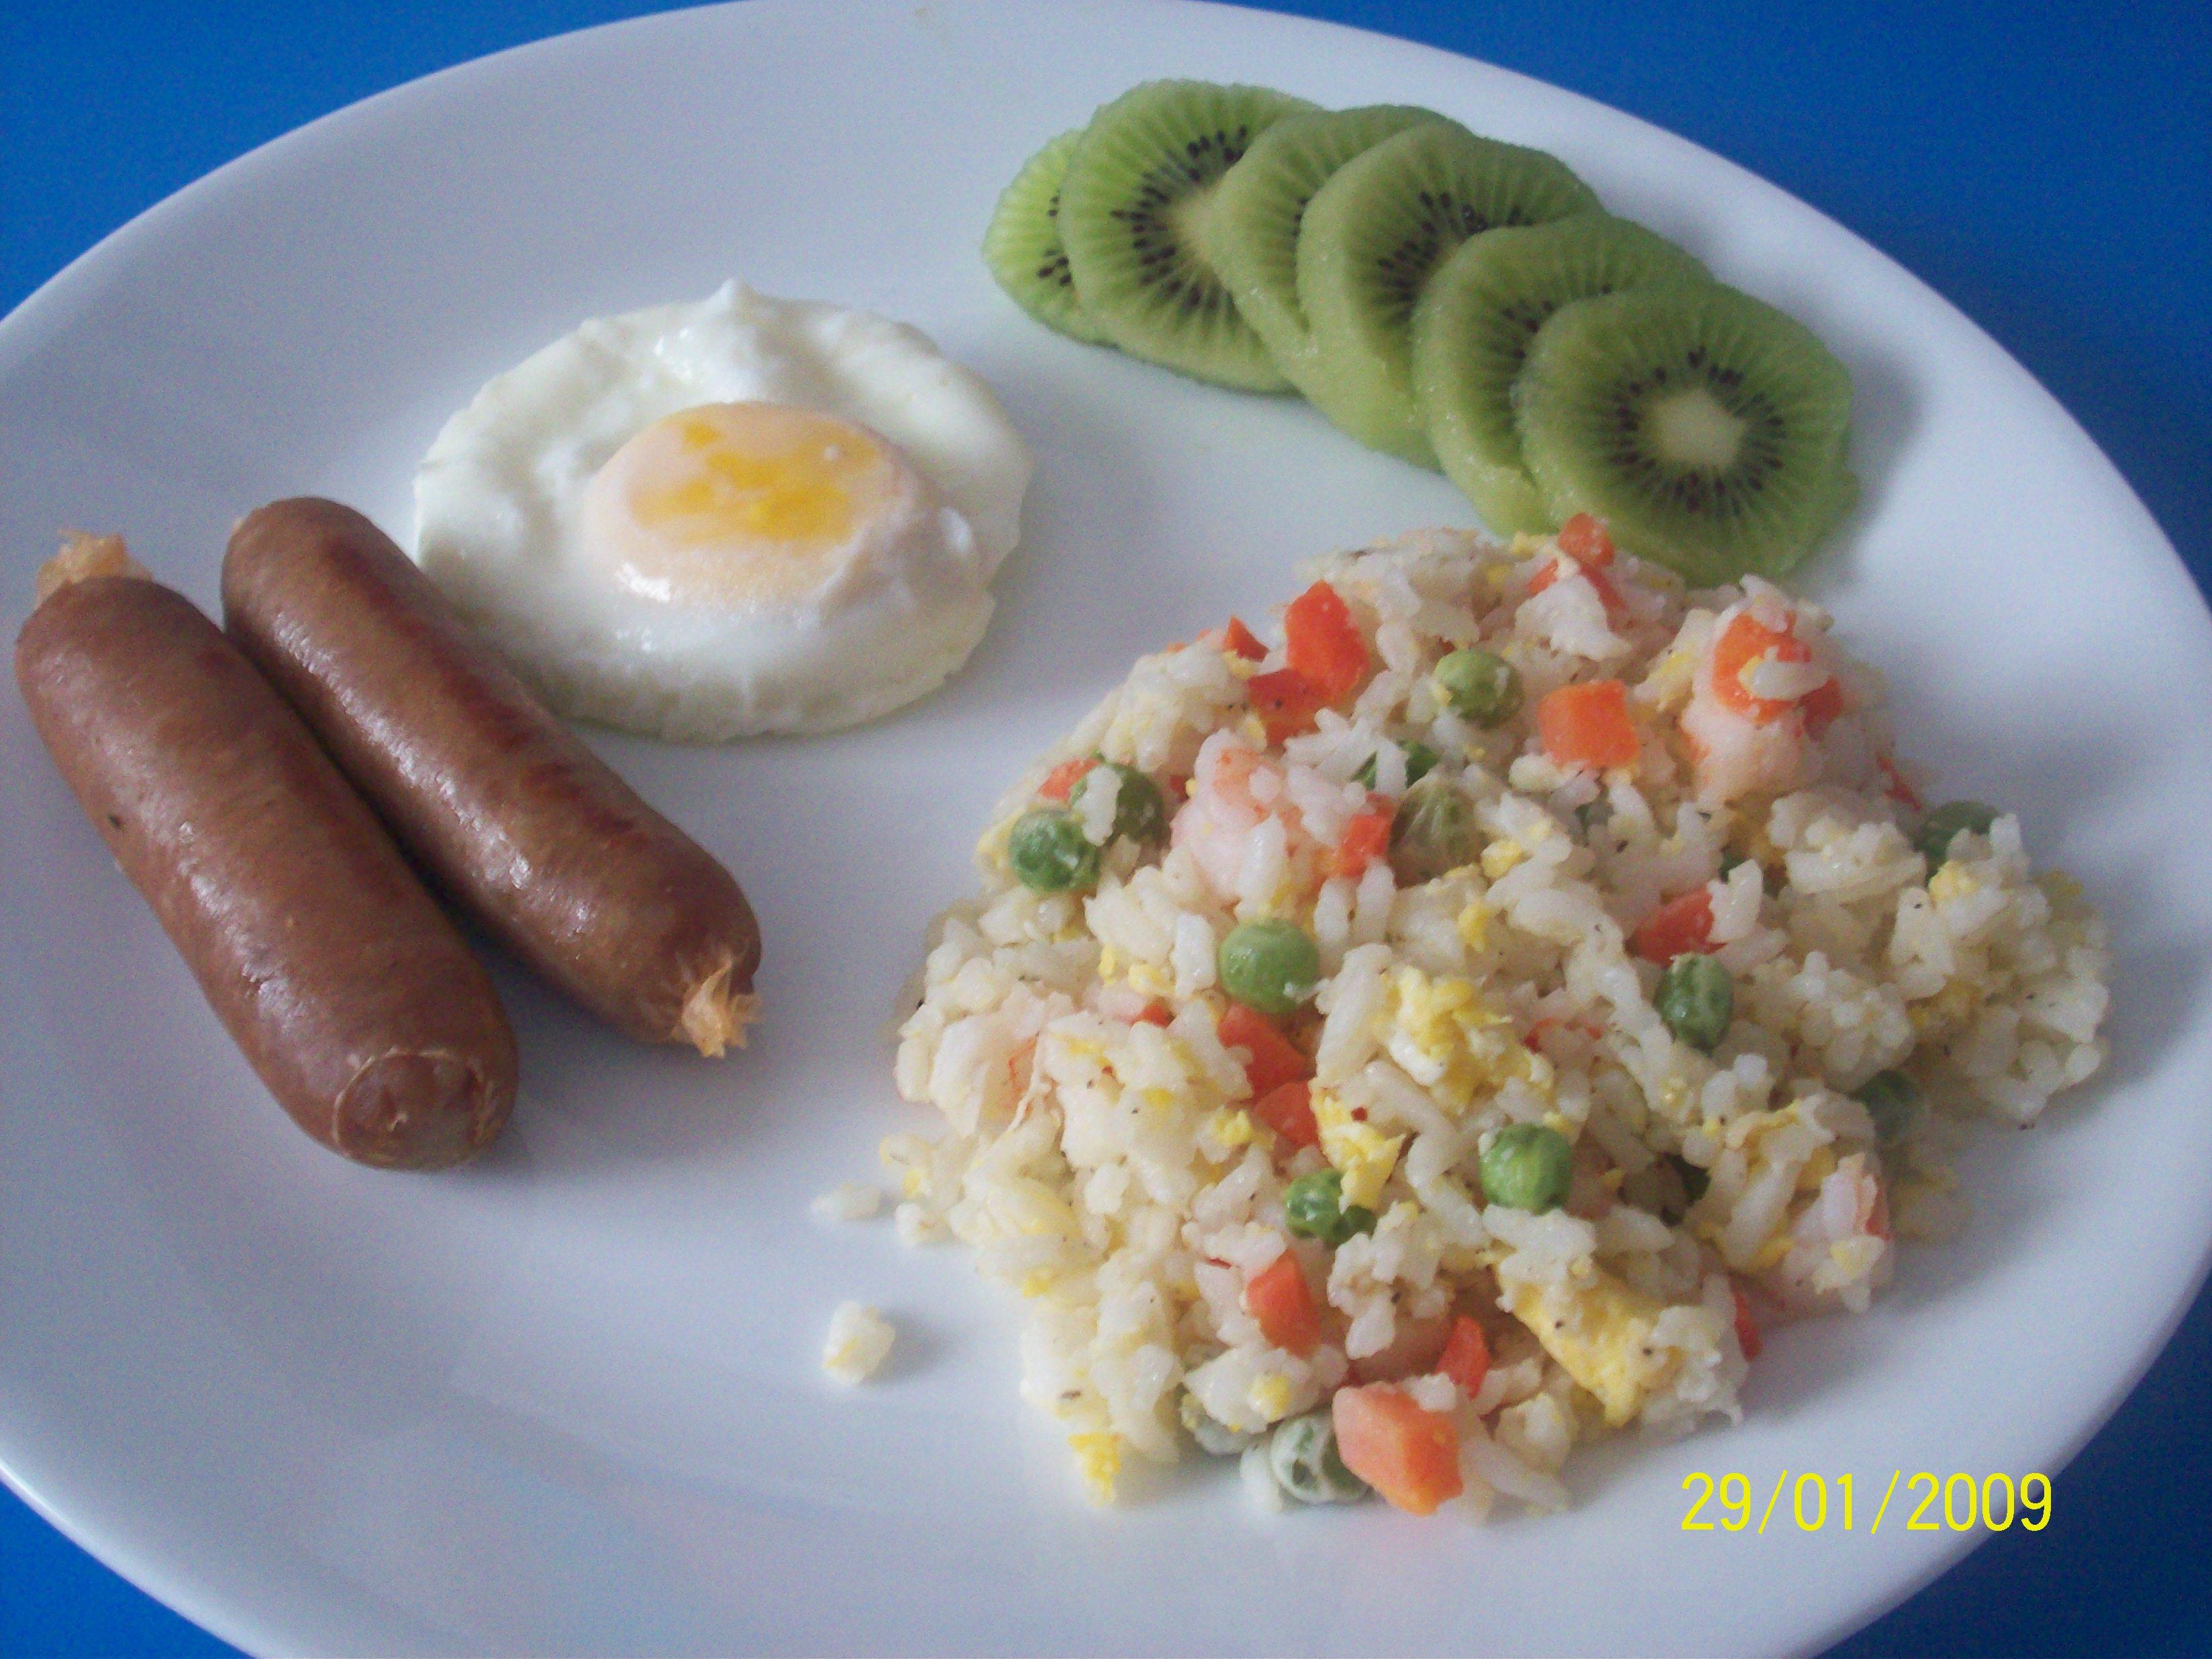 https://foodloader.net/cutie_2009-01-29_Fried_Rice__Sausages__Egg_&_Kiwi.jpg